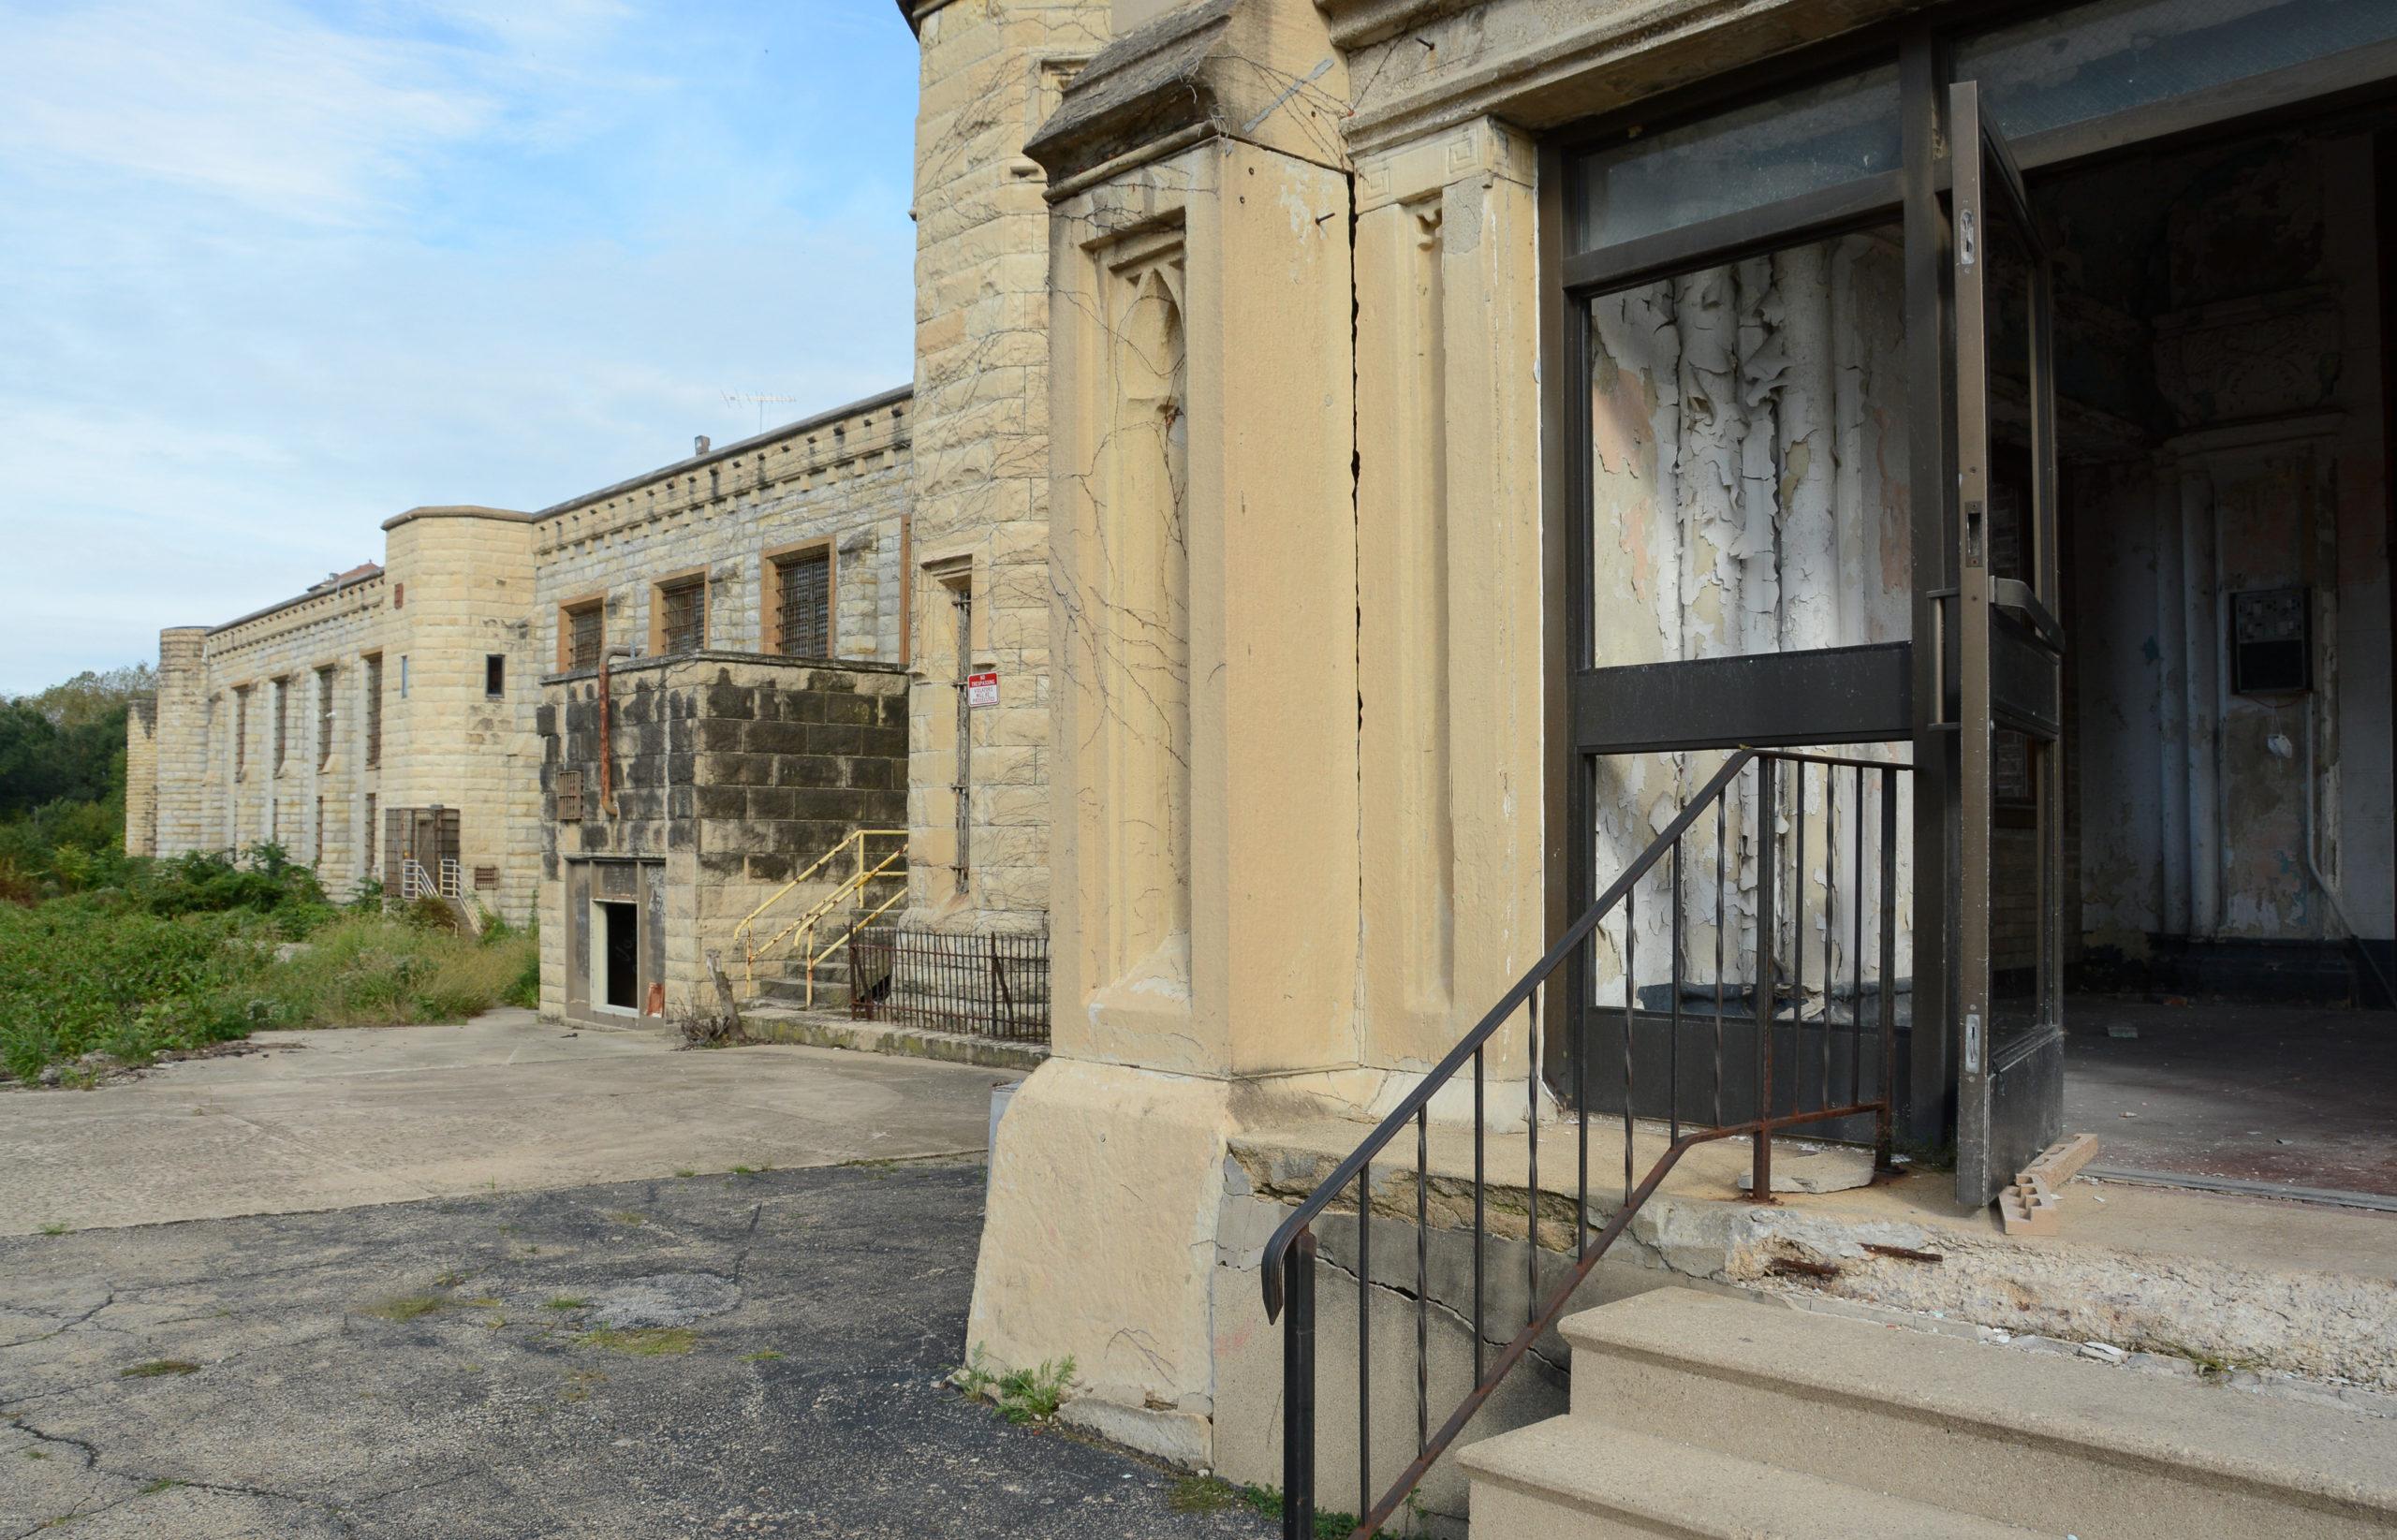 Der Eingang des verfallenen Old Joliet Prison